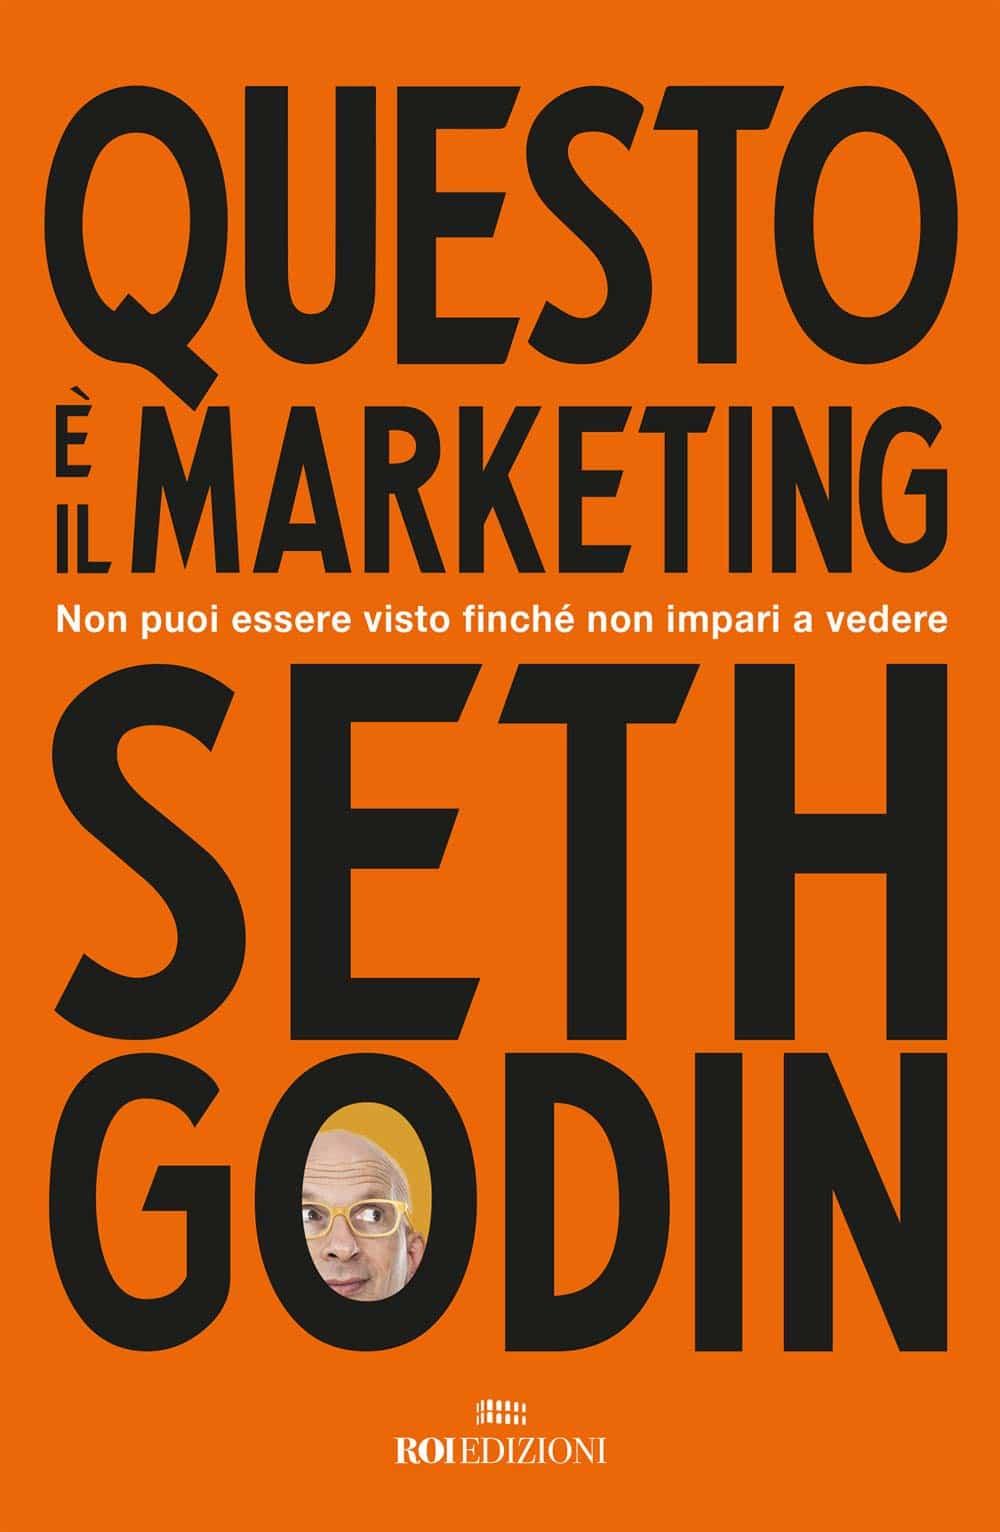 Recensione di Questo E' Il Marketing – Seth Godin